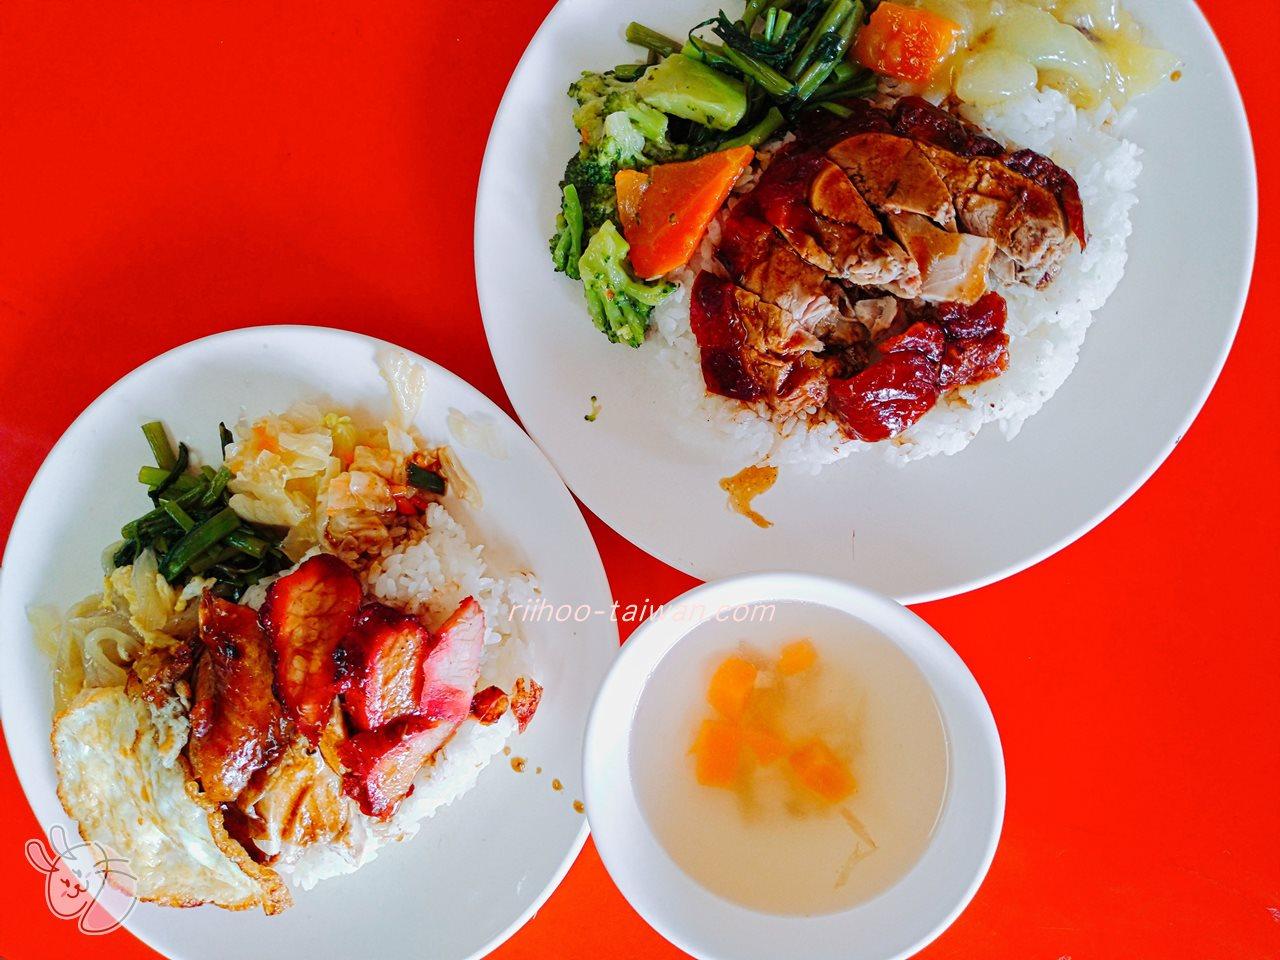 廣香燒臘便當店  注文した料理